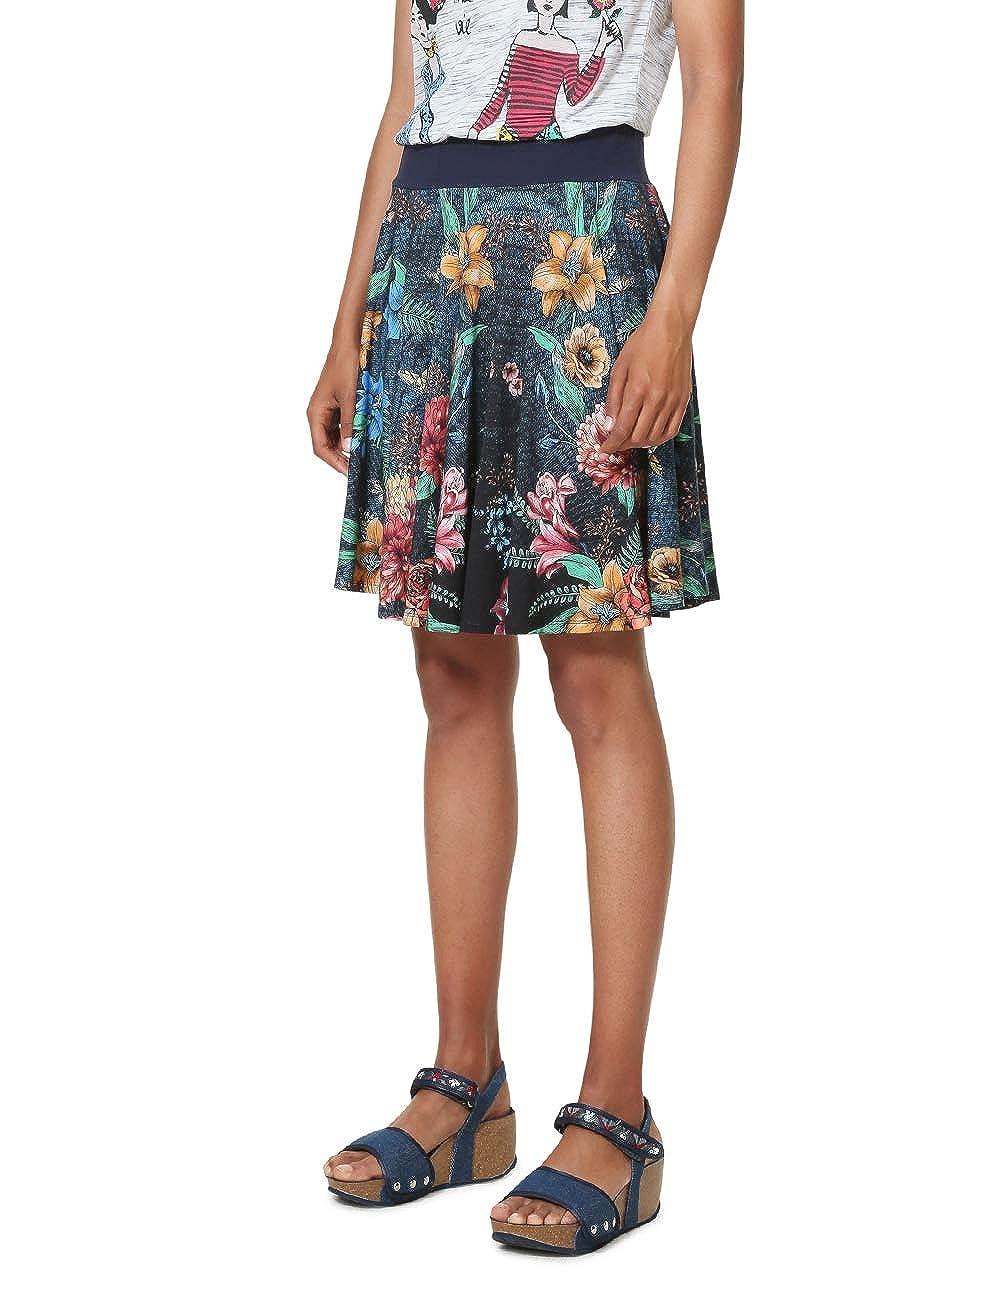 Desigual Skirt Short Curiosity Woman Blue Jupe Femme